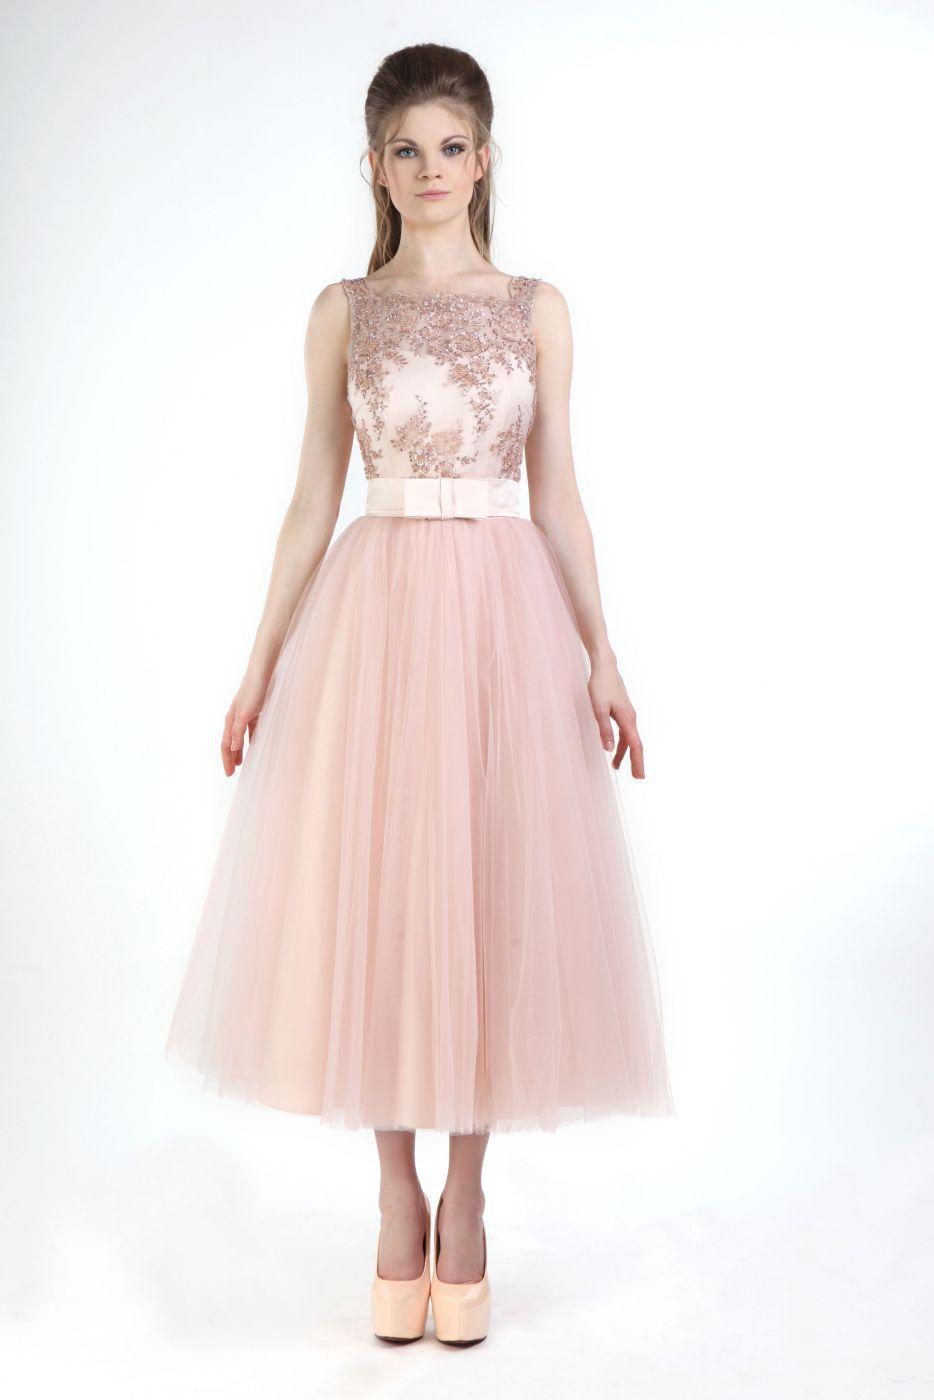 Cocktailkleid für die Brautjungfer Rose Beige bestickt | Kleid rose ...